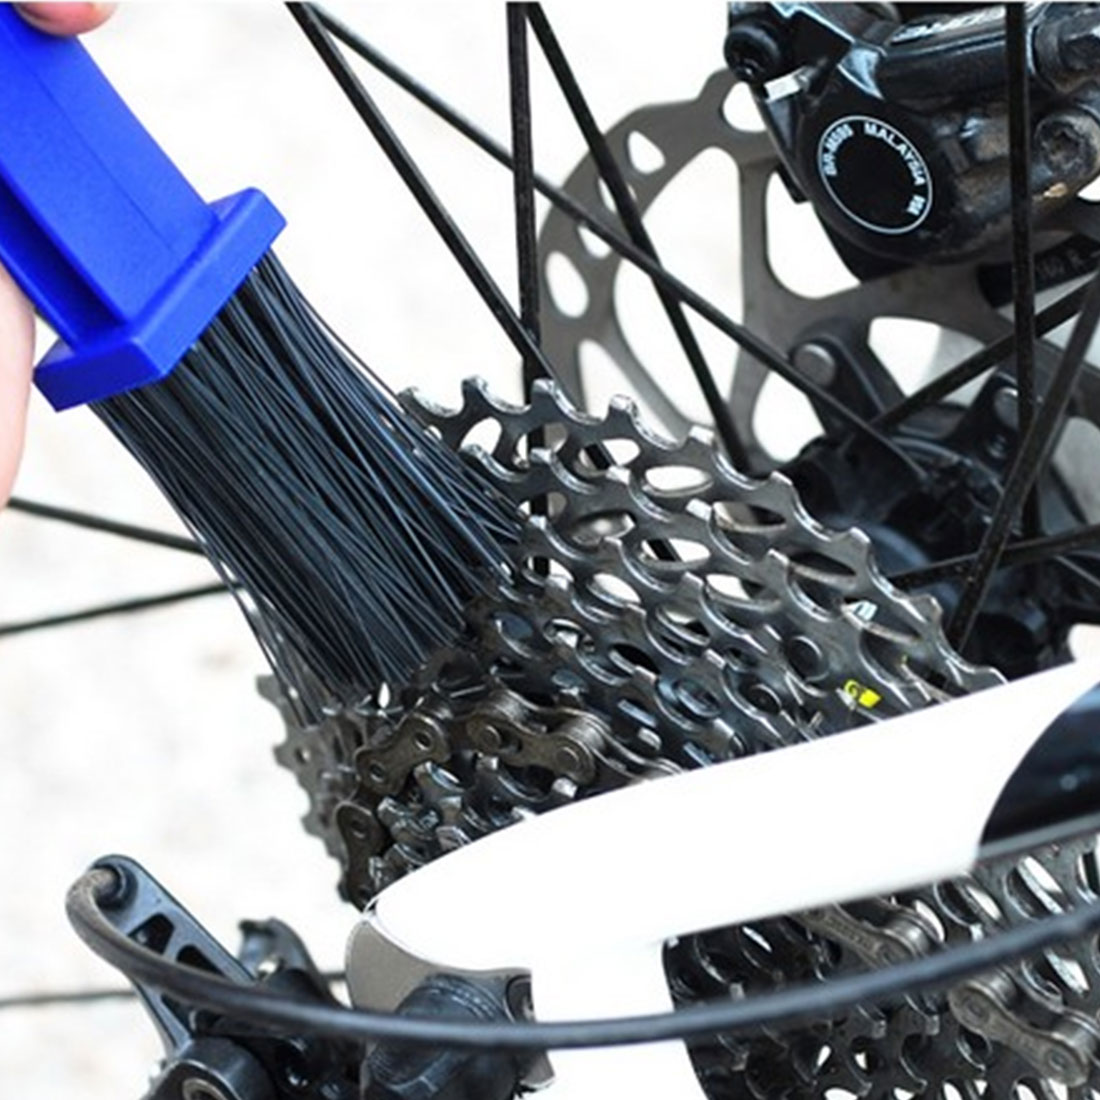 Nový cyklistický motocykl Cyklistický řetěz Čistý kartáč Čistič řetězu Gear Grunge Brush Cleaner Outdoor Cleaner Scrubber Tool bike